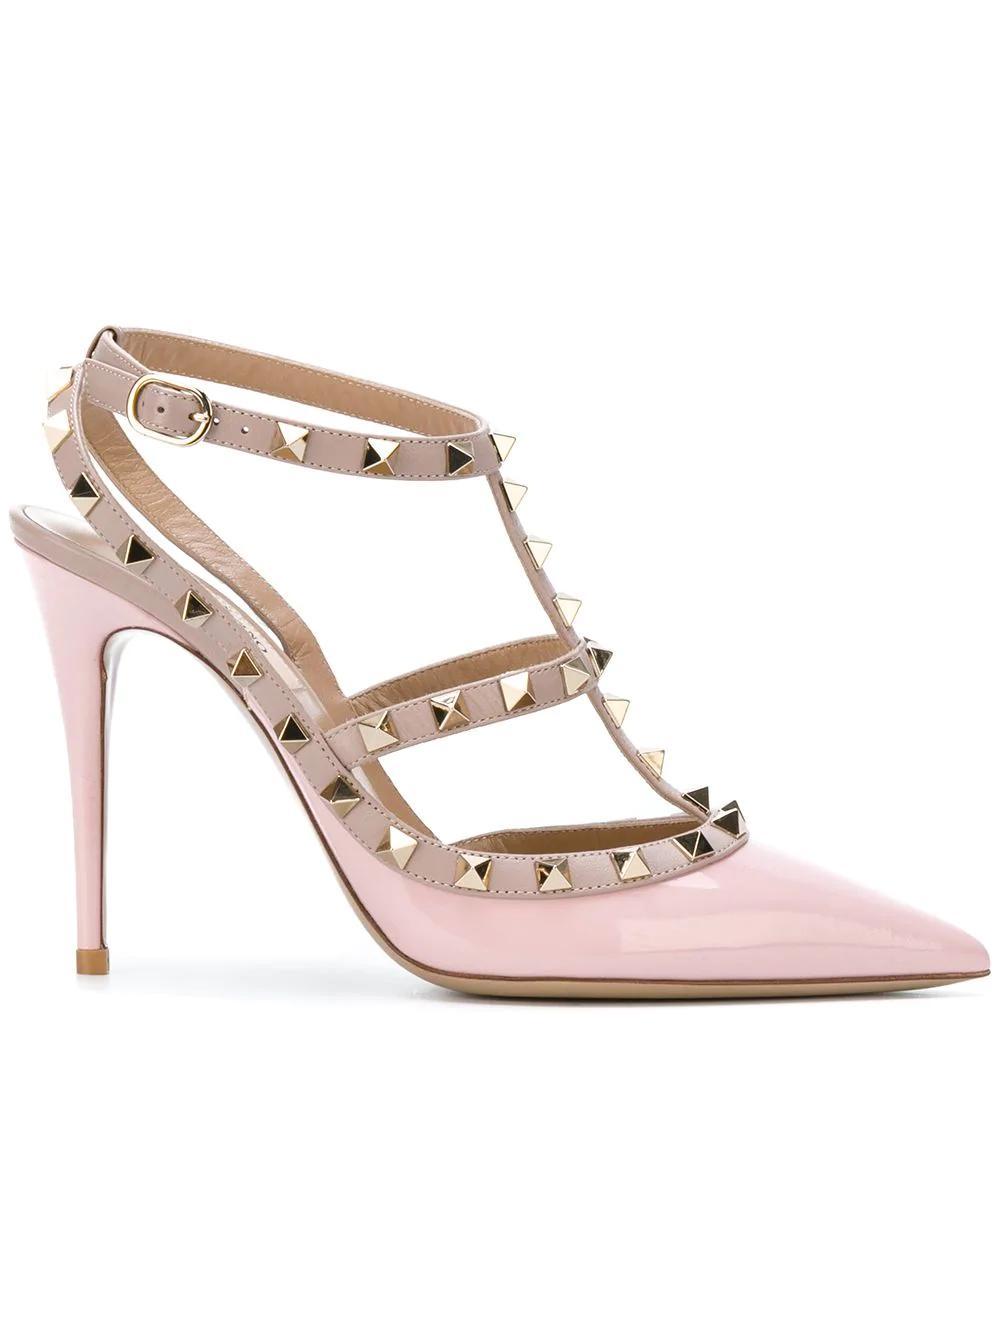 a32a5aaa889 Valentino Garavani Rockstud Pumps - Pink